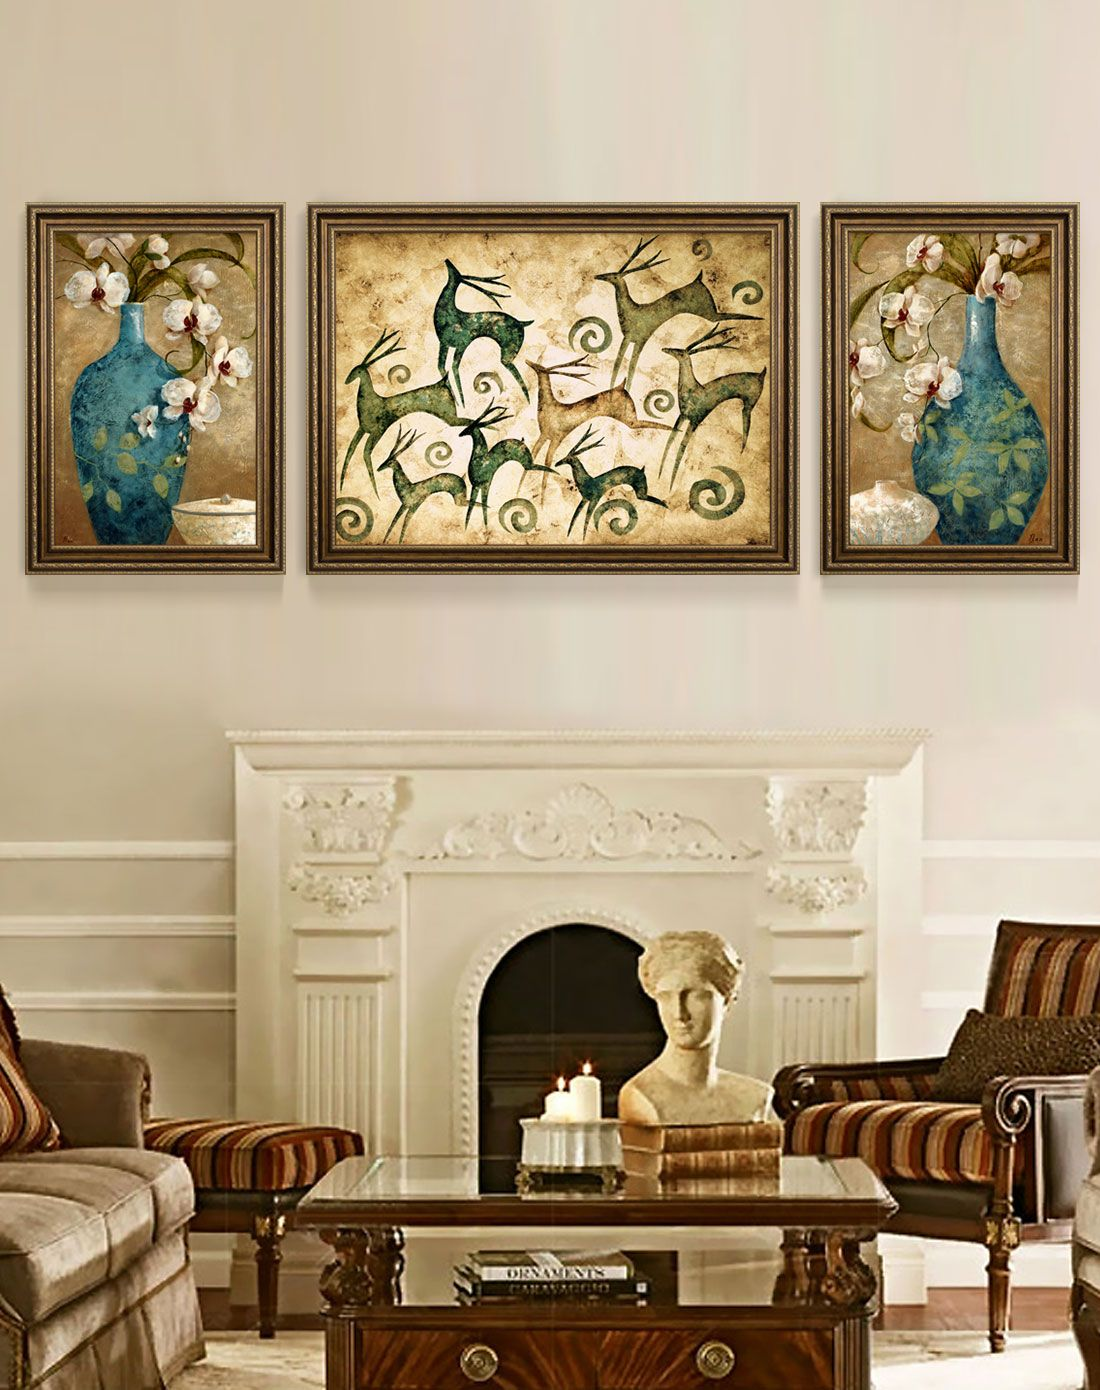 美式客厅高端装饰画 发财鹿